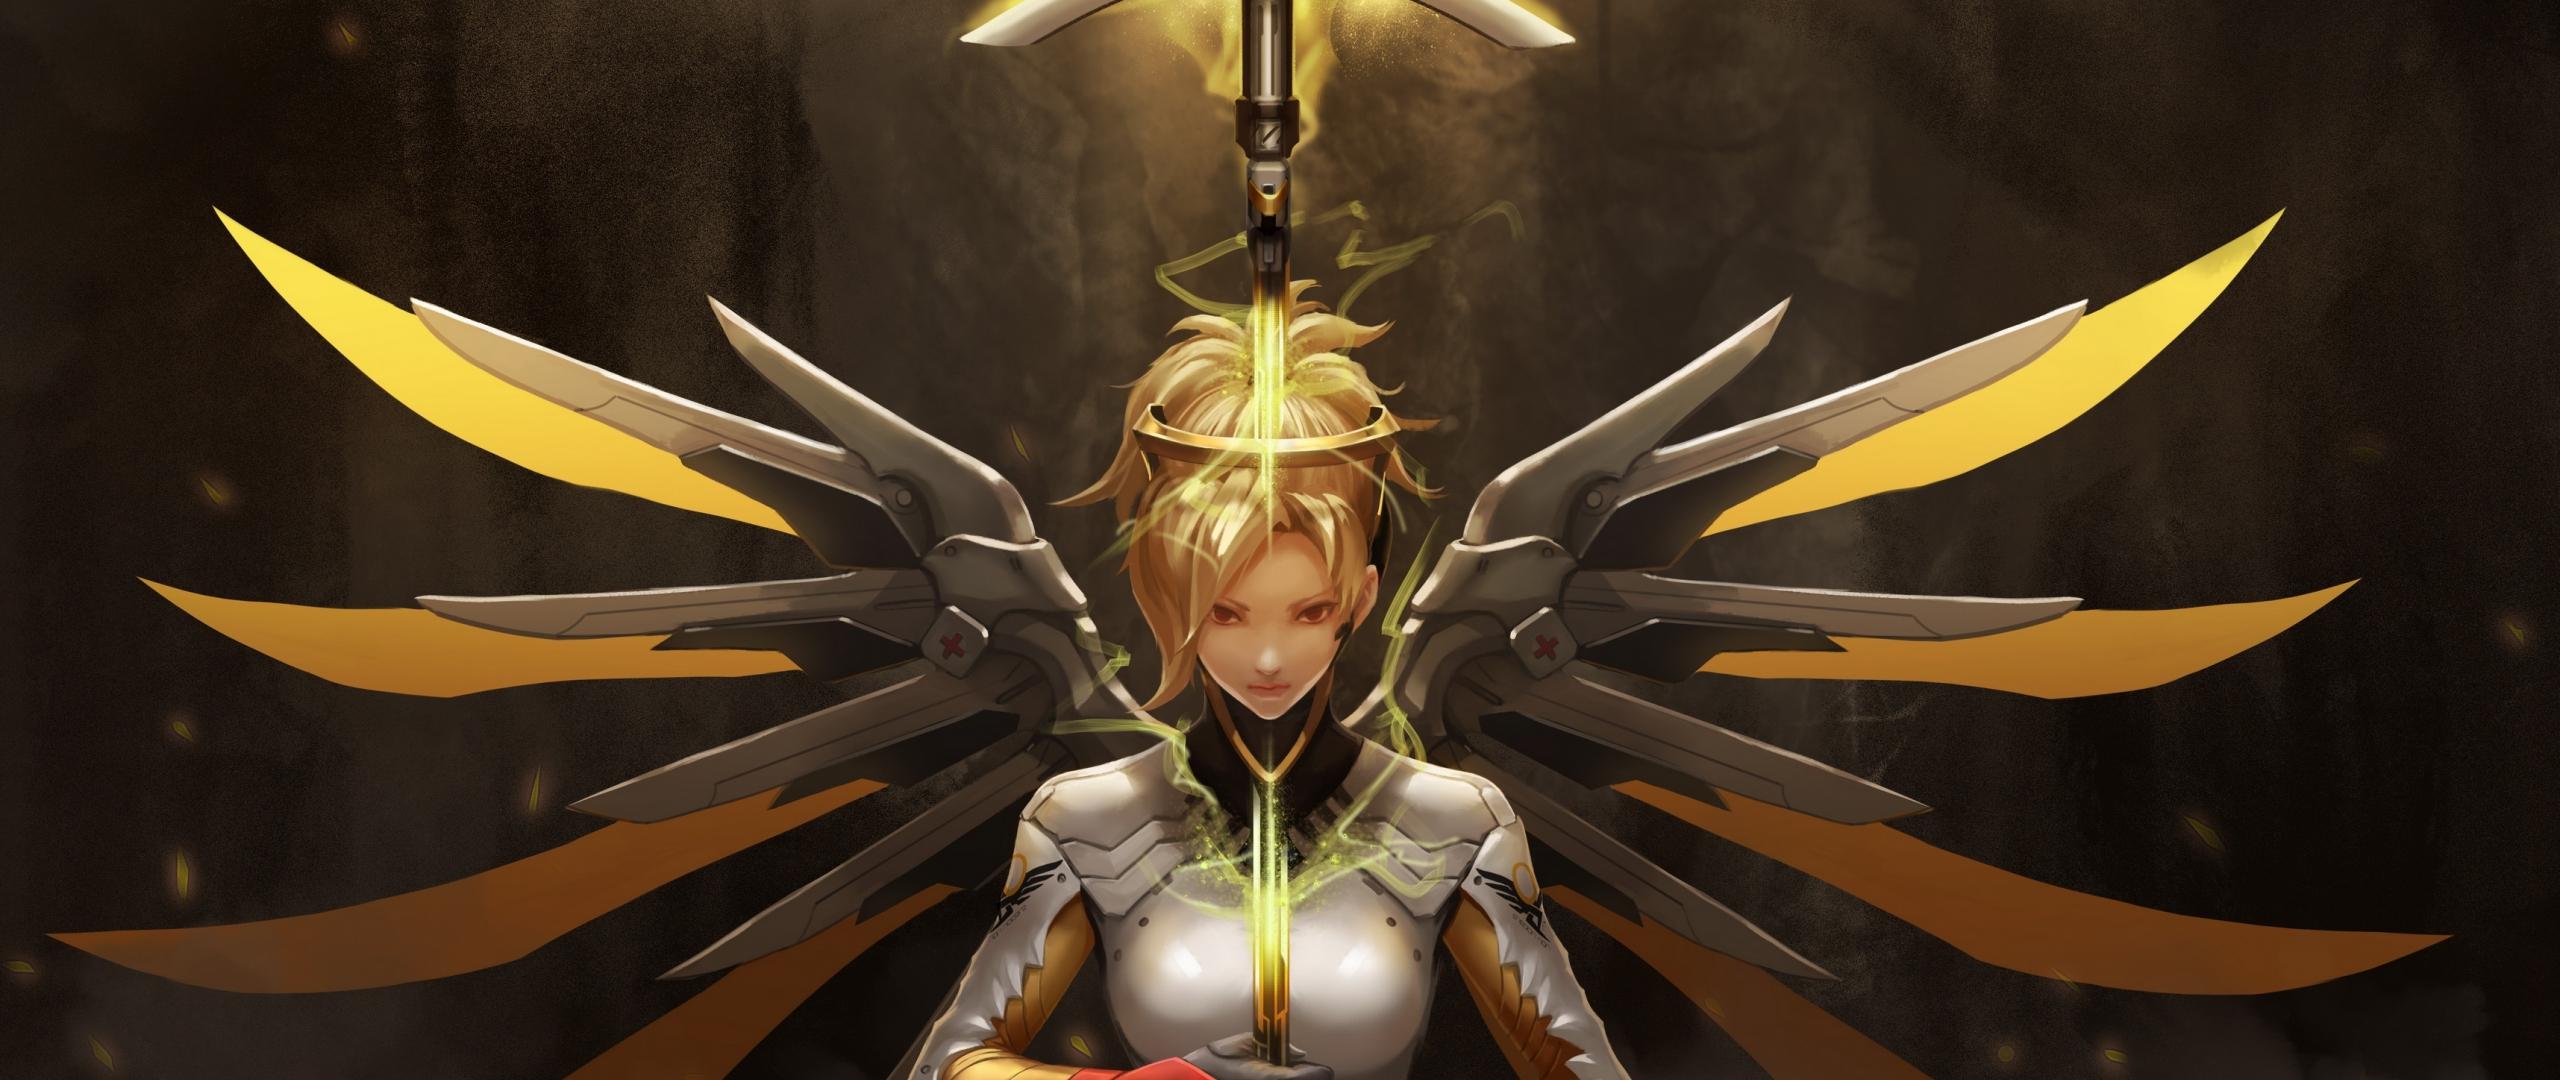 Download 2560x1080 Wallpaper Robotic Wings Mercy Angel